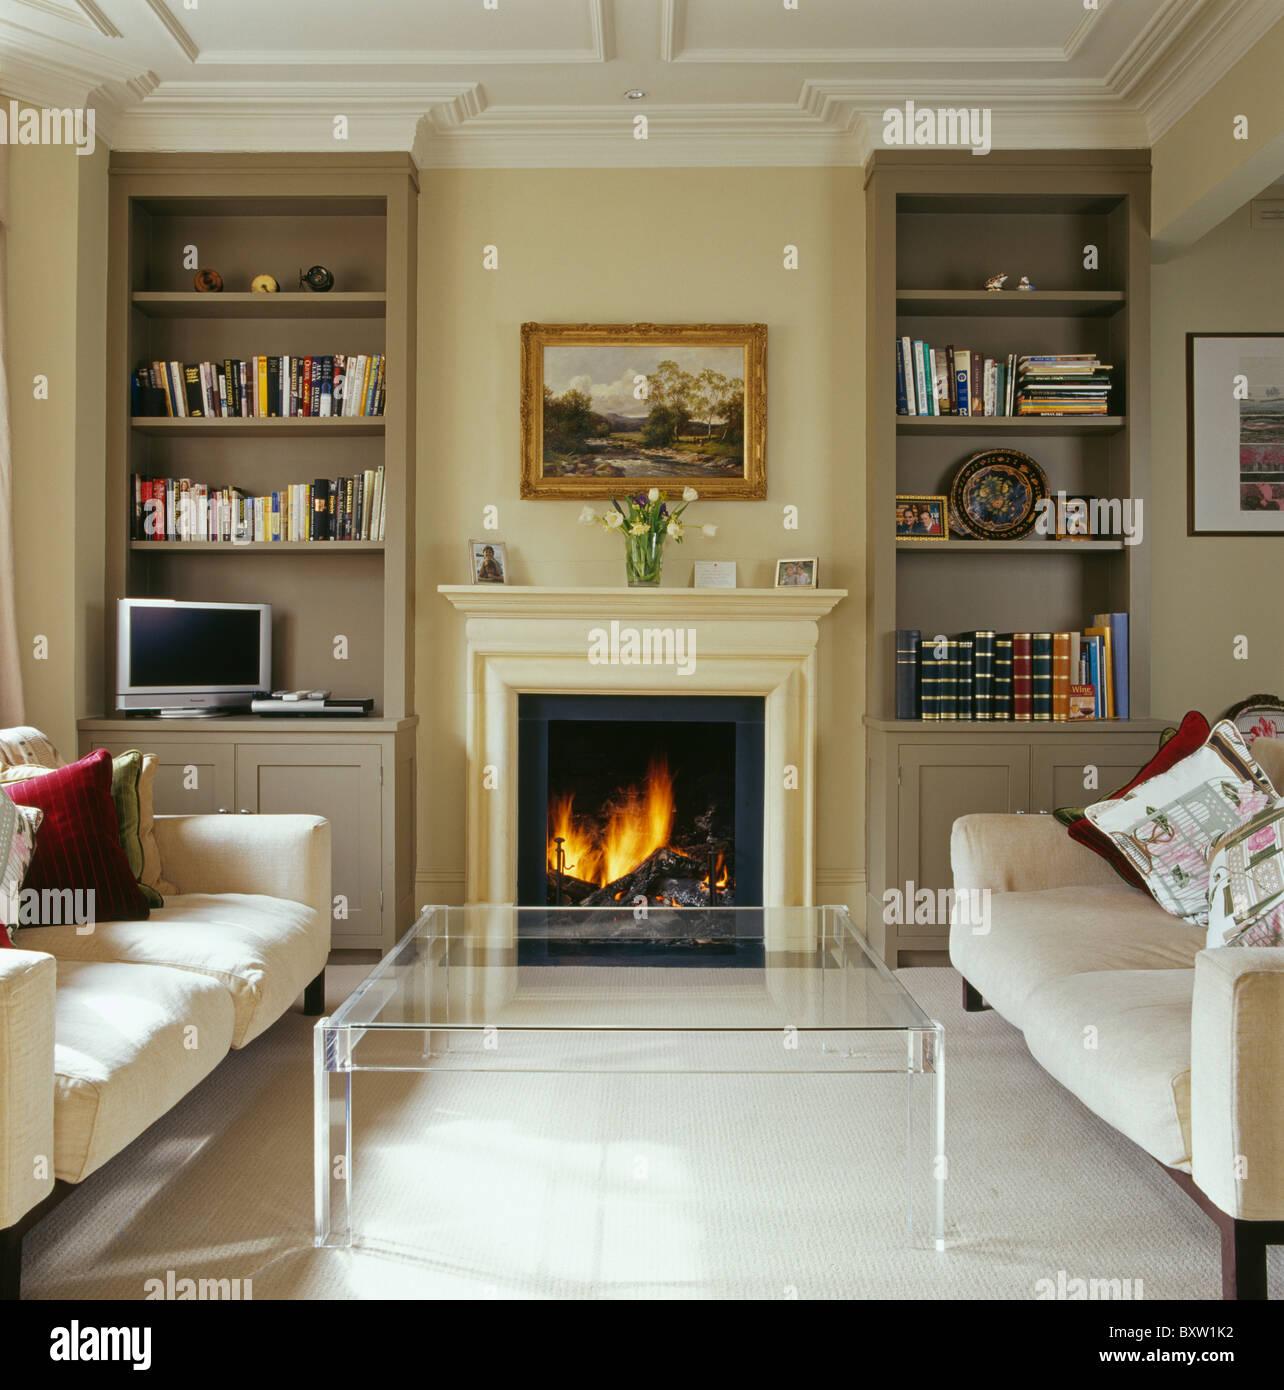 brennende feuer im kamin zwischen ausgestattete bcherregale im modernen wohnzimmer mit sofas in plexiglas tisch und sahne - Wohnzimmer Feuer